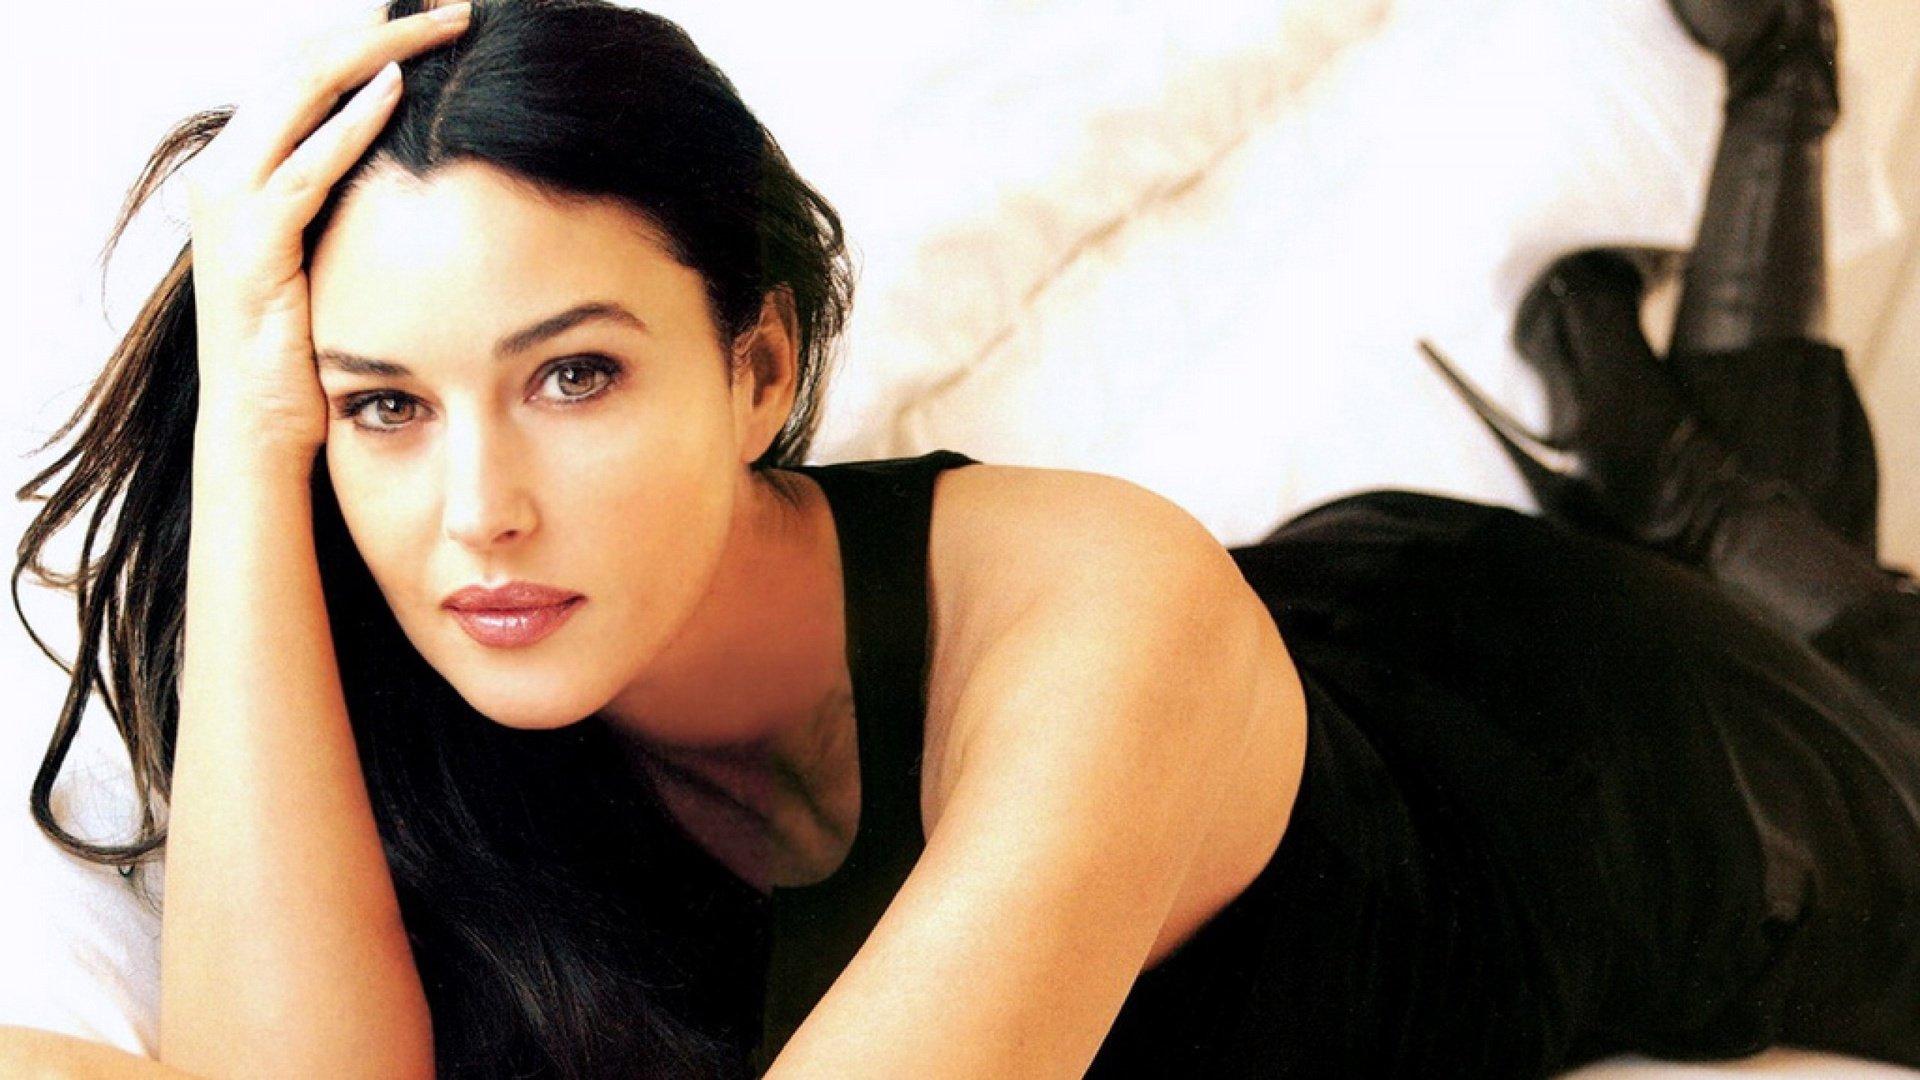 самая красивая итальянская актриса фото рубрике ниже